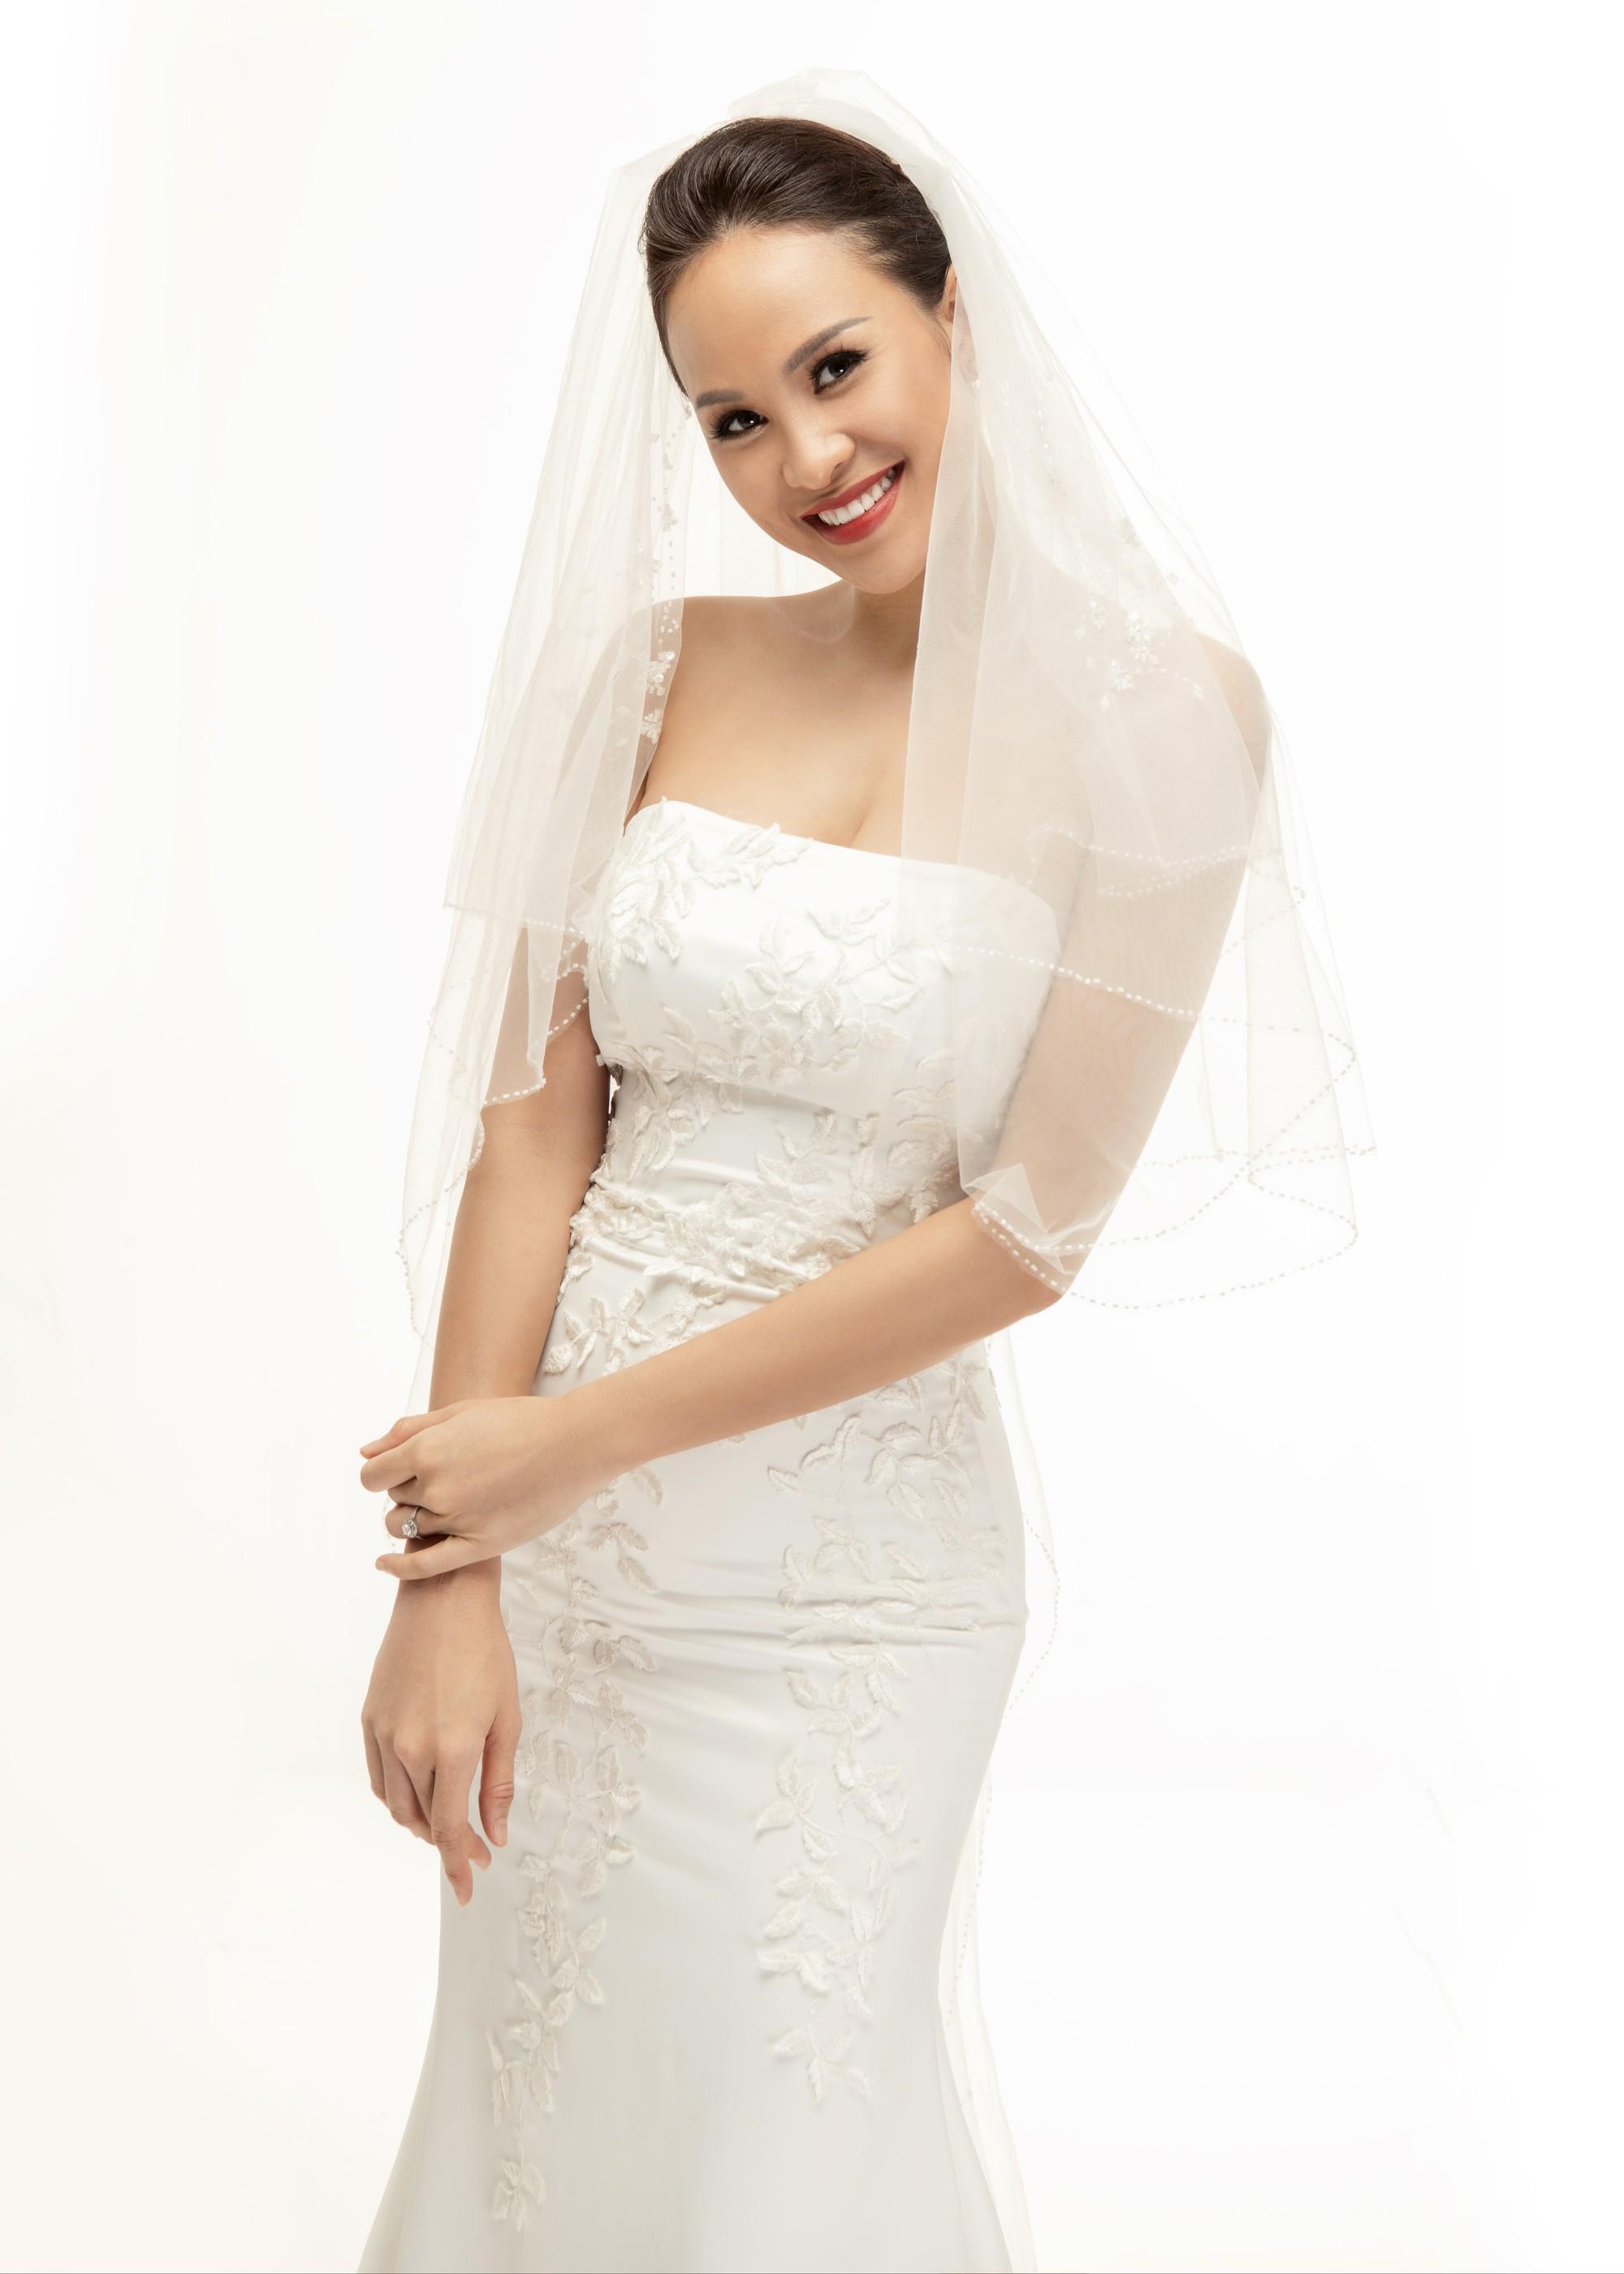 Trọn bộ ảnh cưới ngọt ngào đến tan chảy của Phương Mai và chồng Tây đẹp trai như tài tử - Ảnh 2.